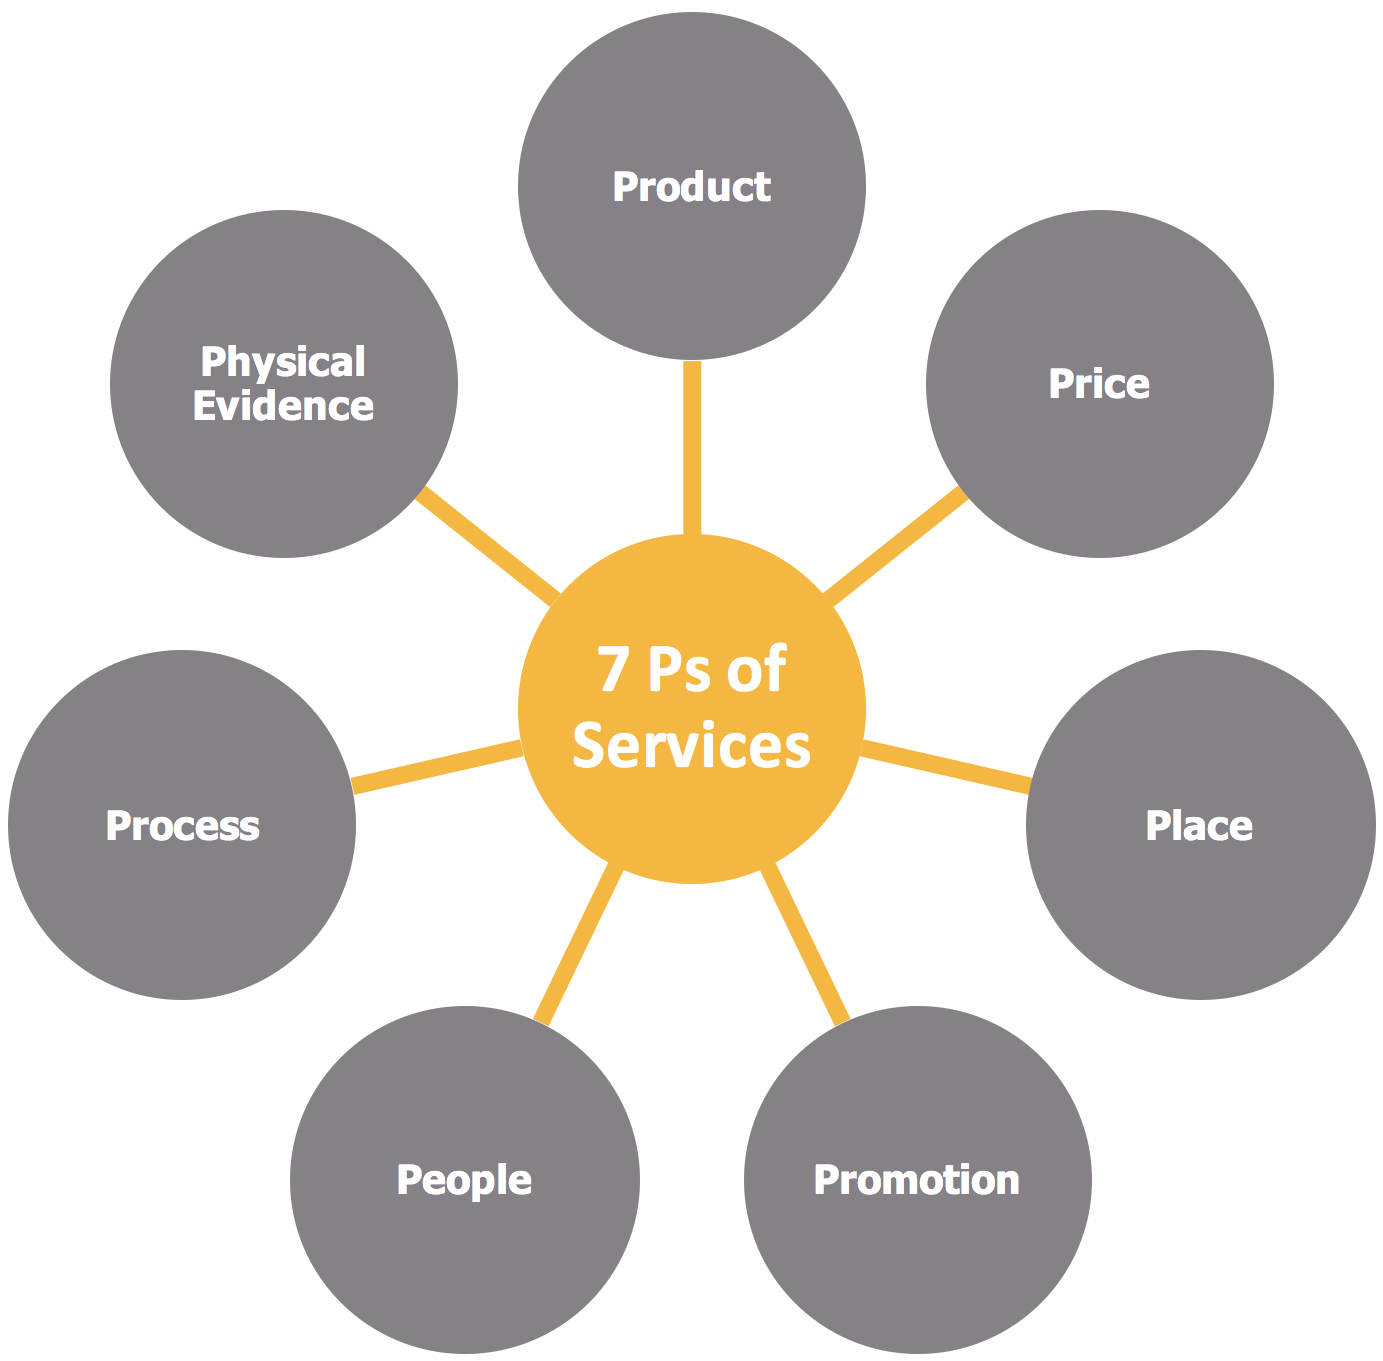 orldwide product marketing speaks - HD1383×1361